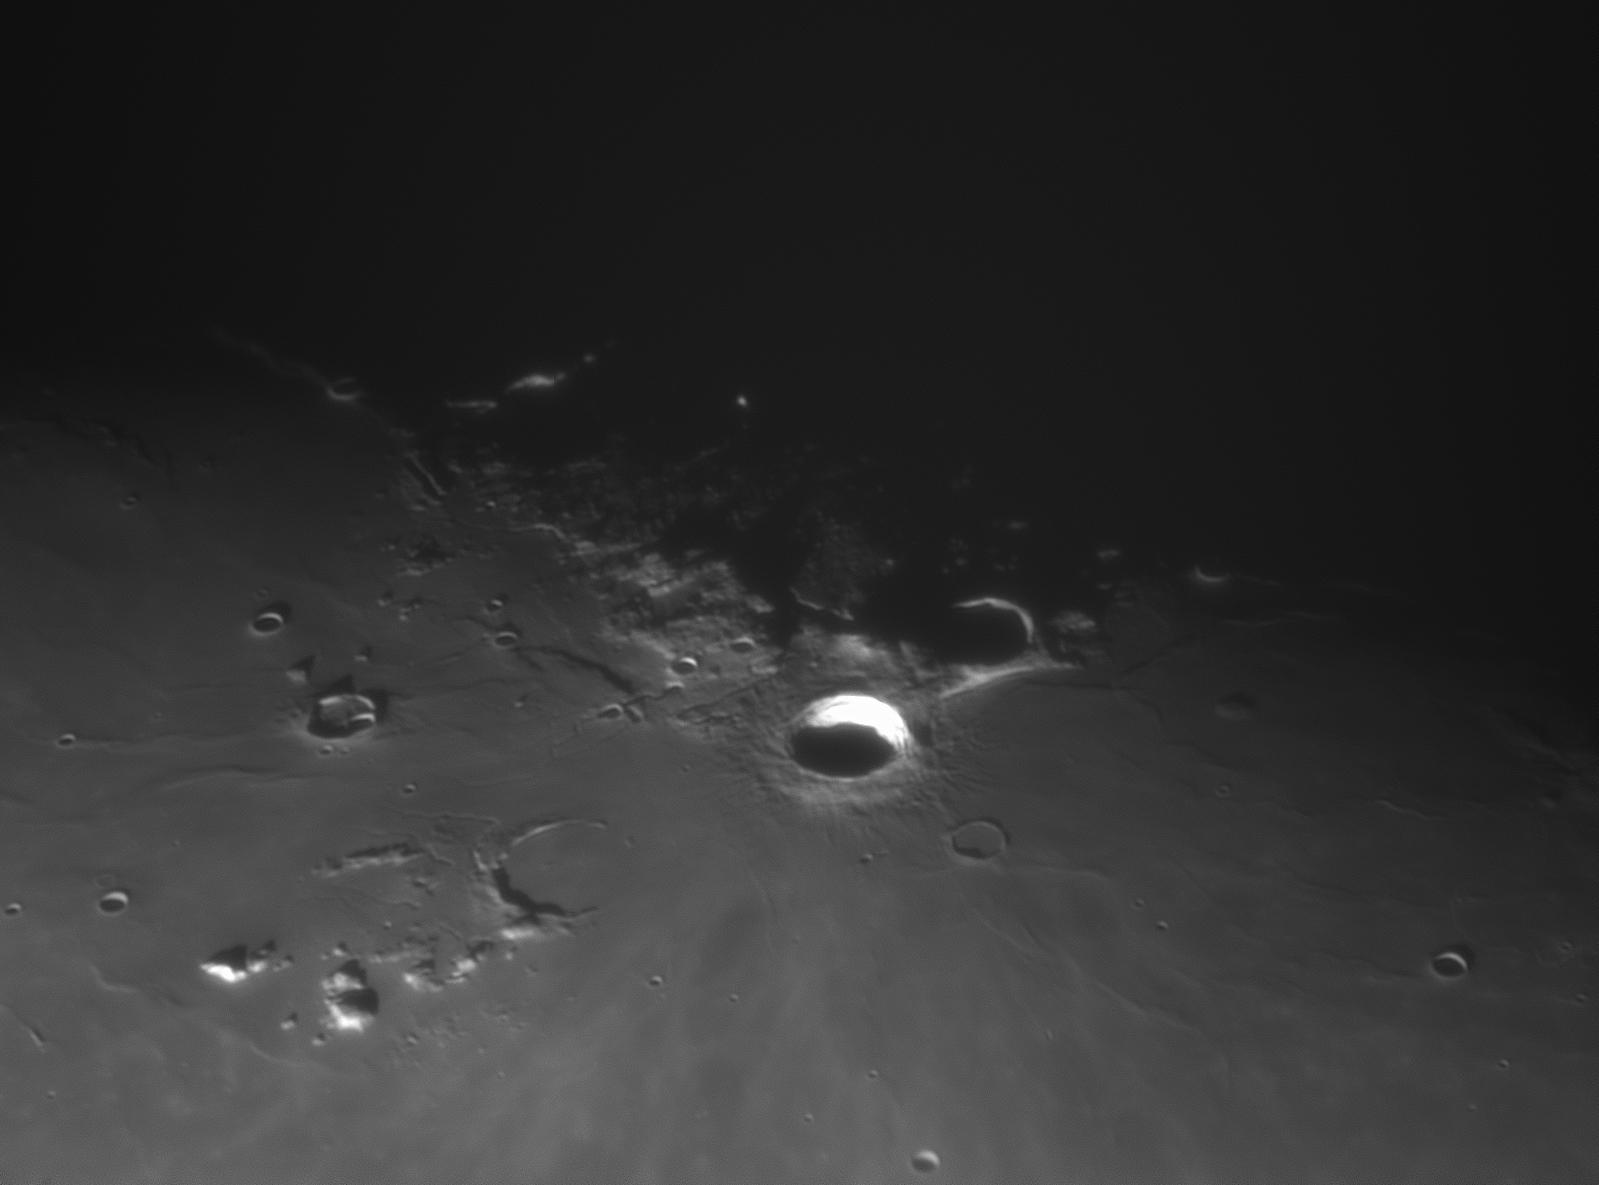 Aristarchus_2021MAR25_20_10_43.jpg